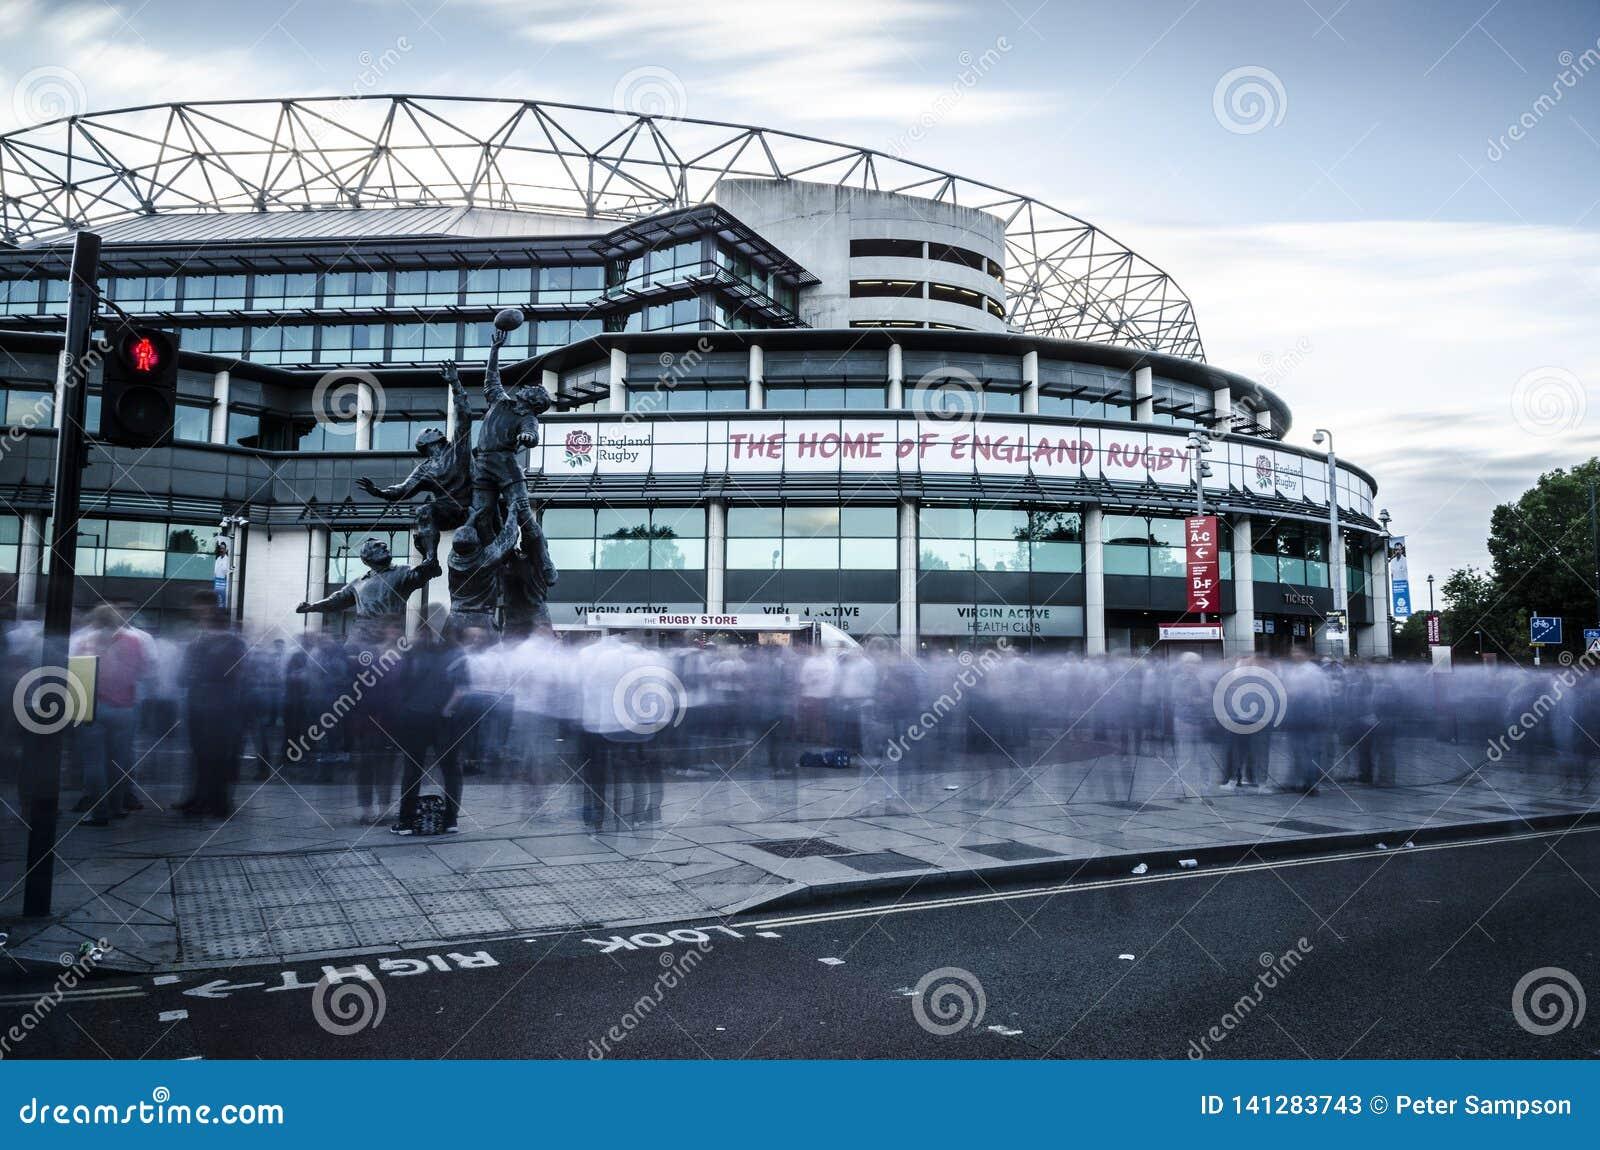 Fans at Twickenham Stadium